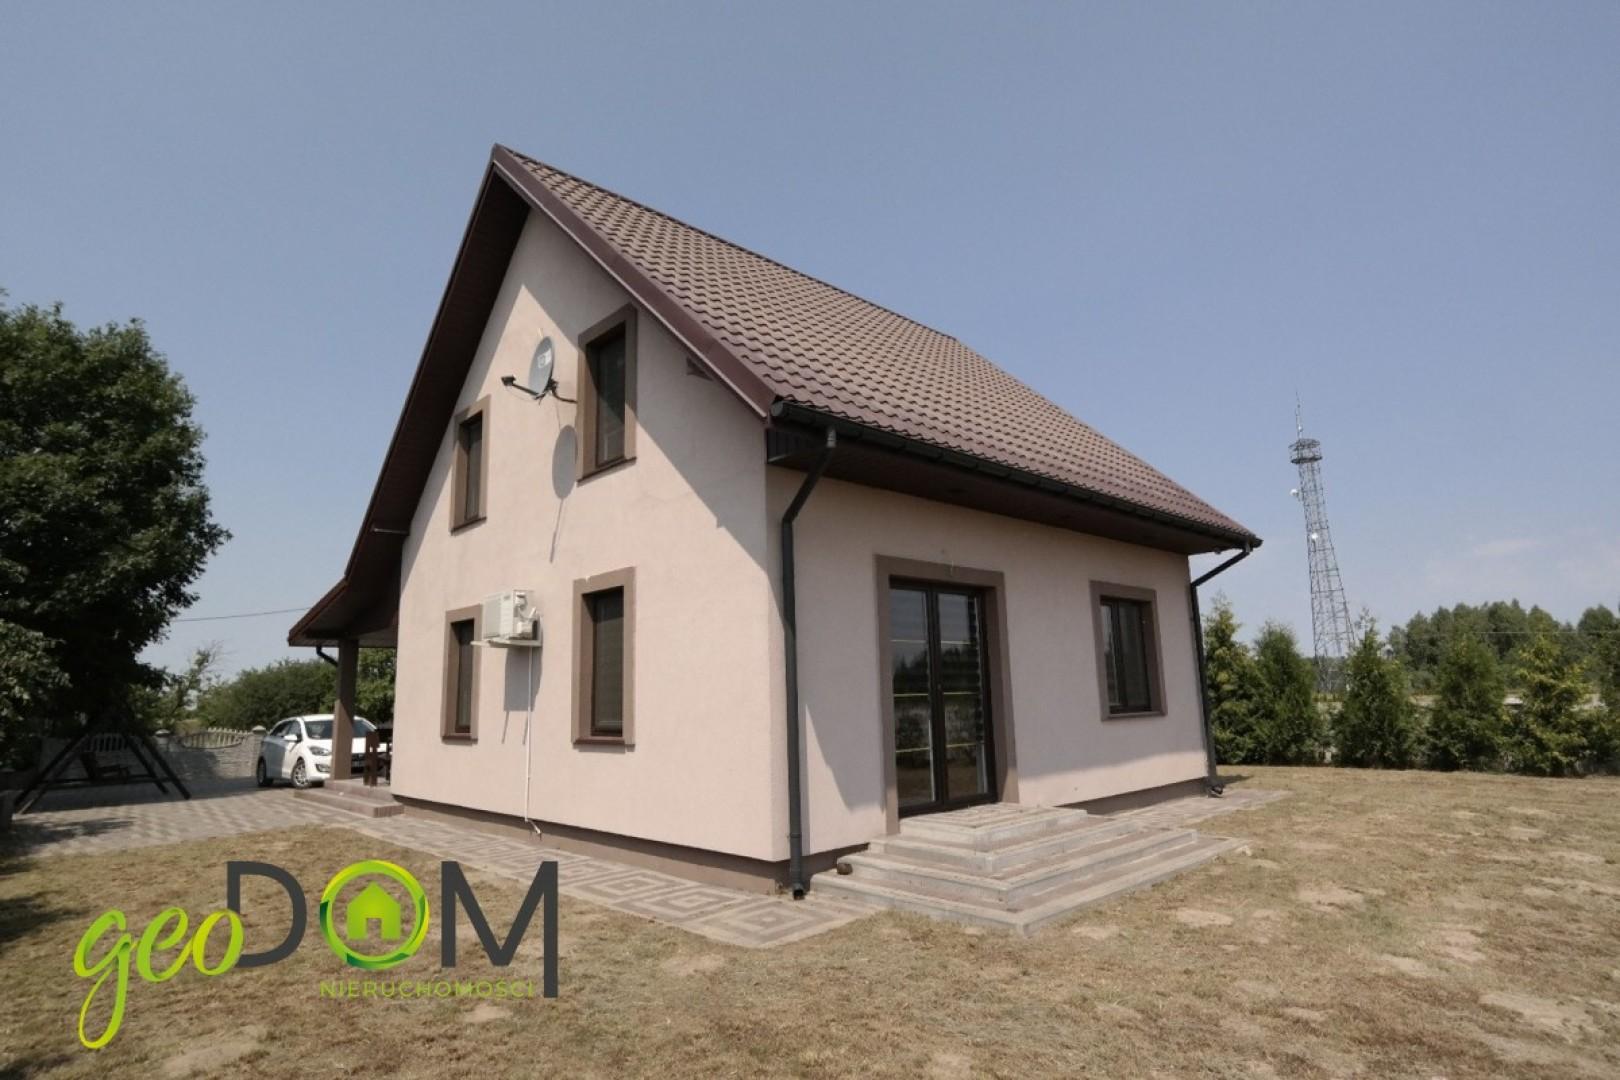 Gospodarstwo rozne o dużym areale i nowy dom  !!!